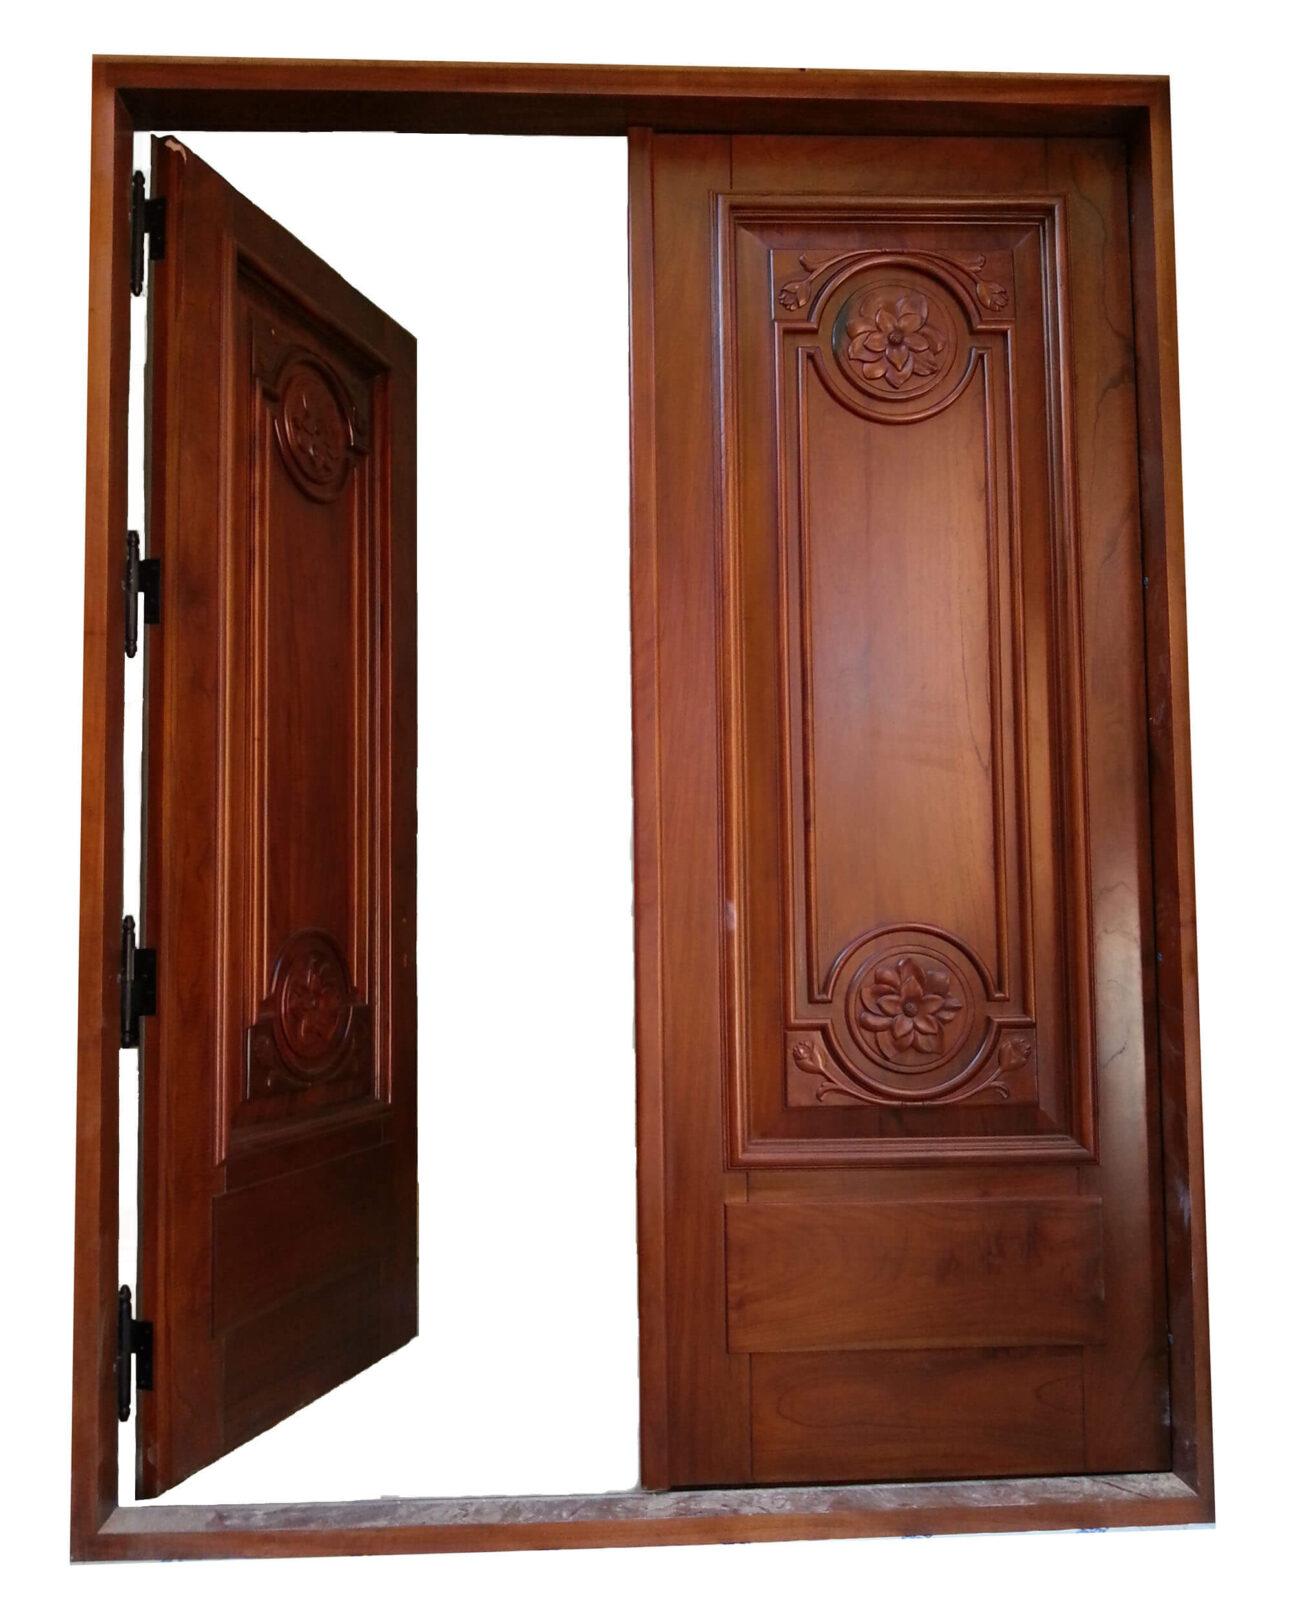 NEW JERSEY. MAHOGANY ENTRANCE DOORS.